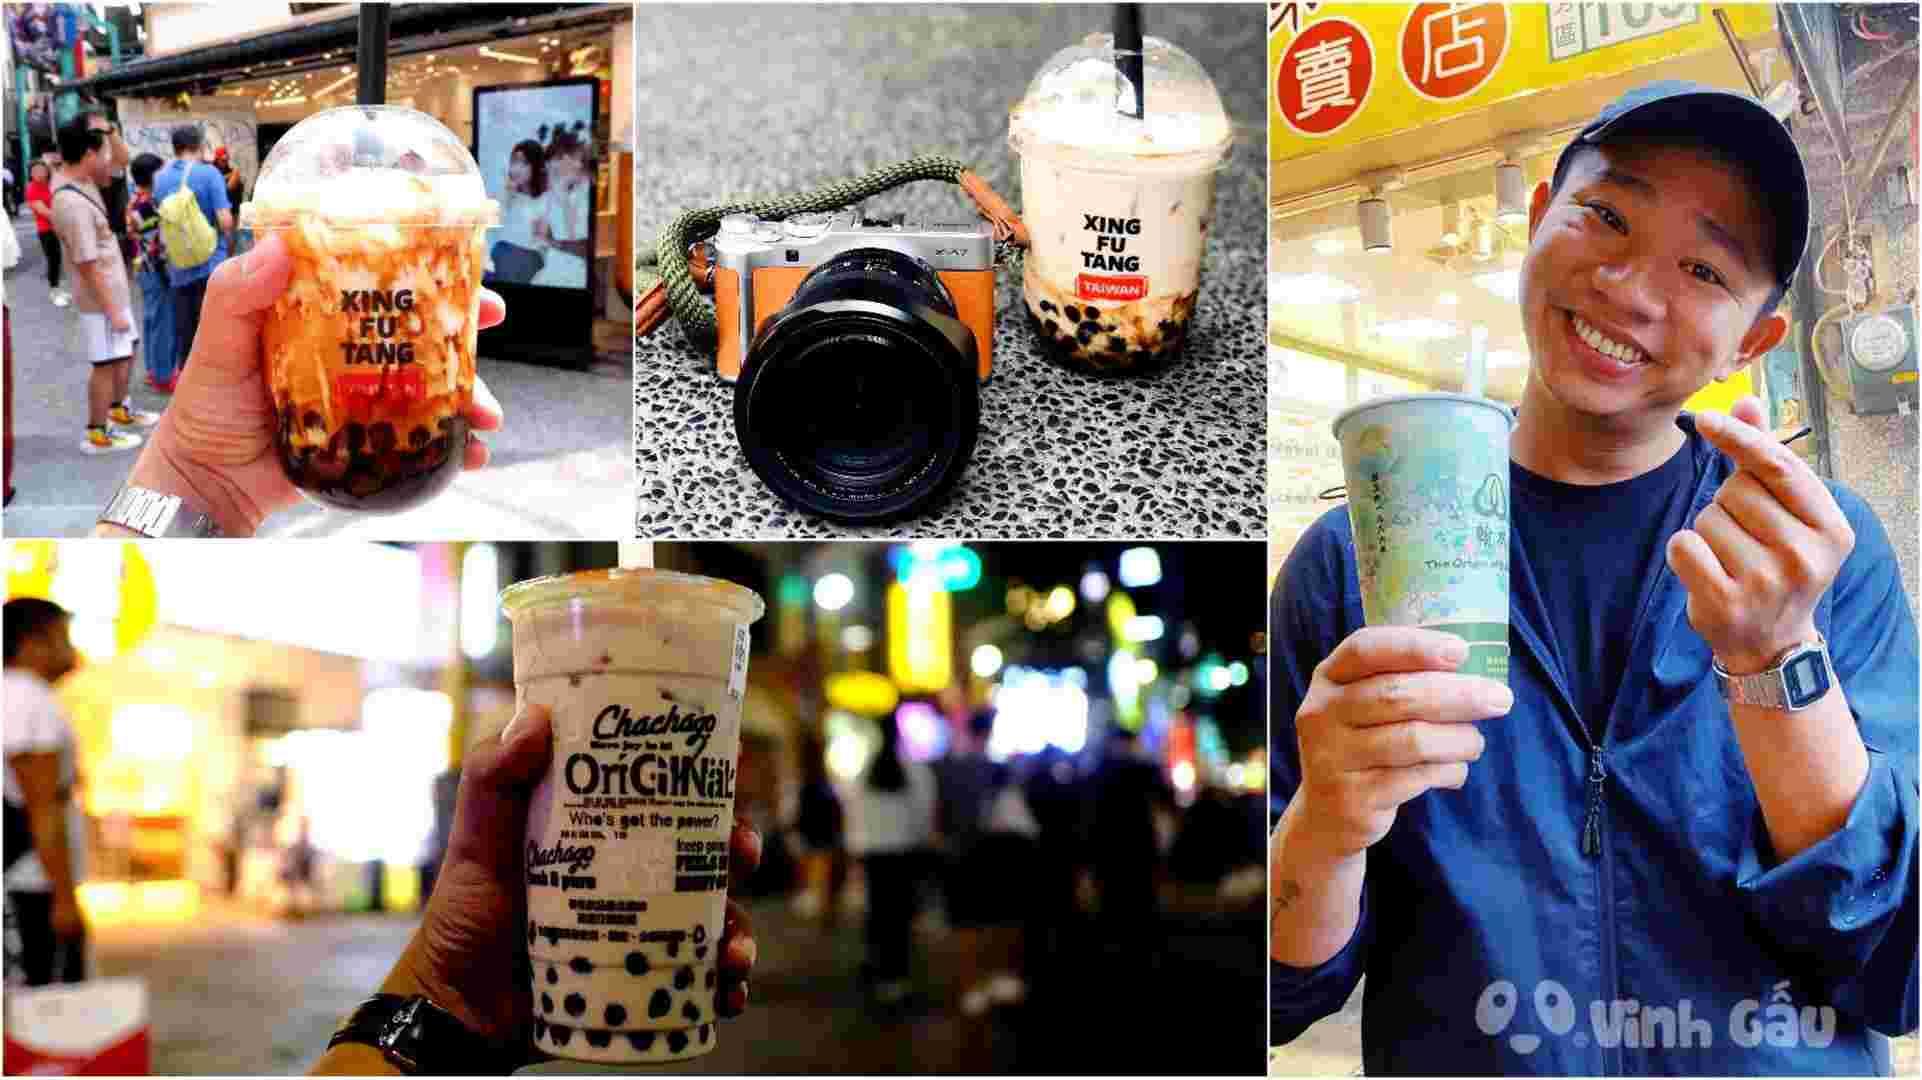 Du lịch Đài Loan - 9 món ăn gây thương nhớ